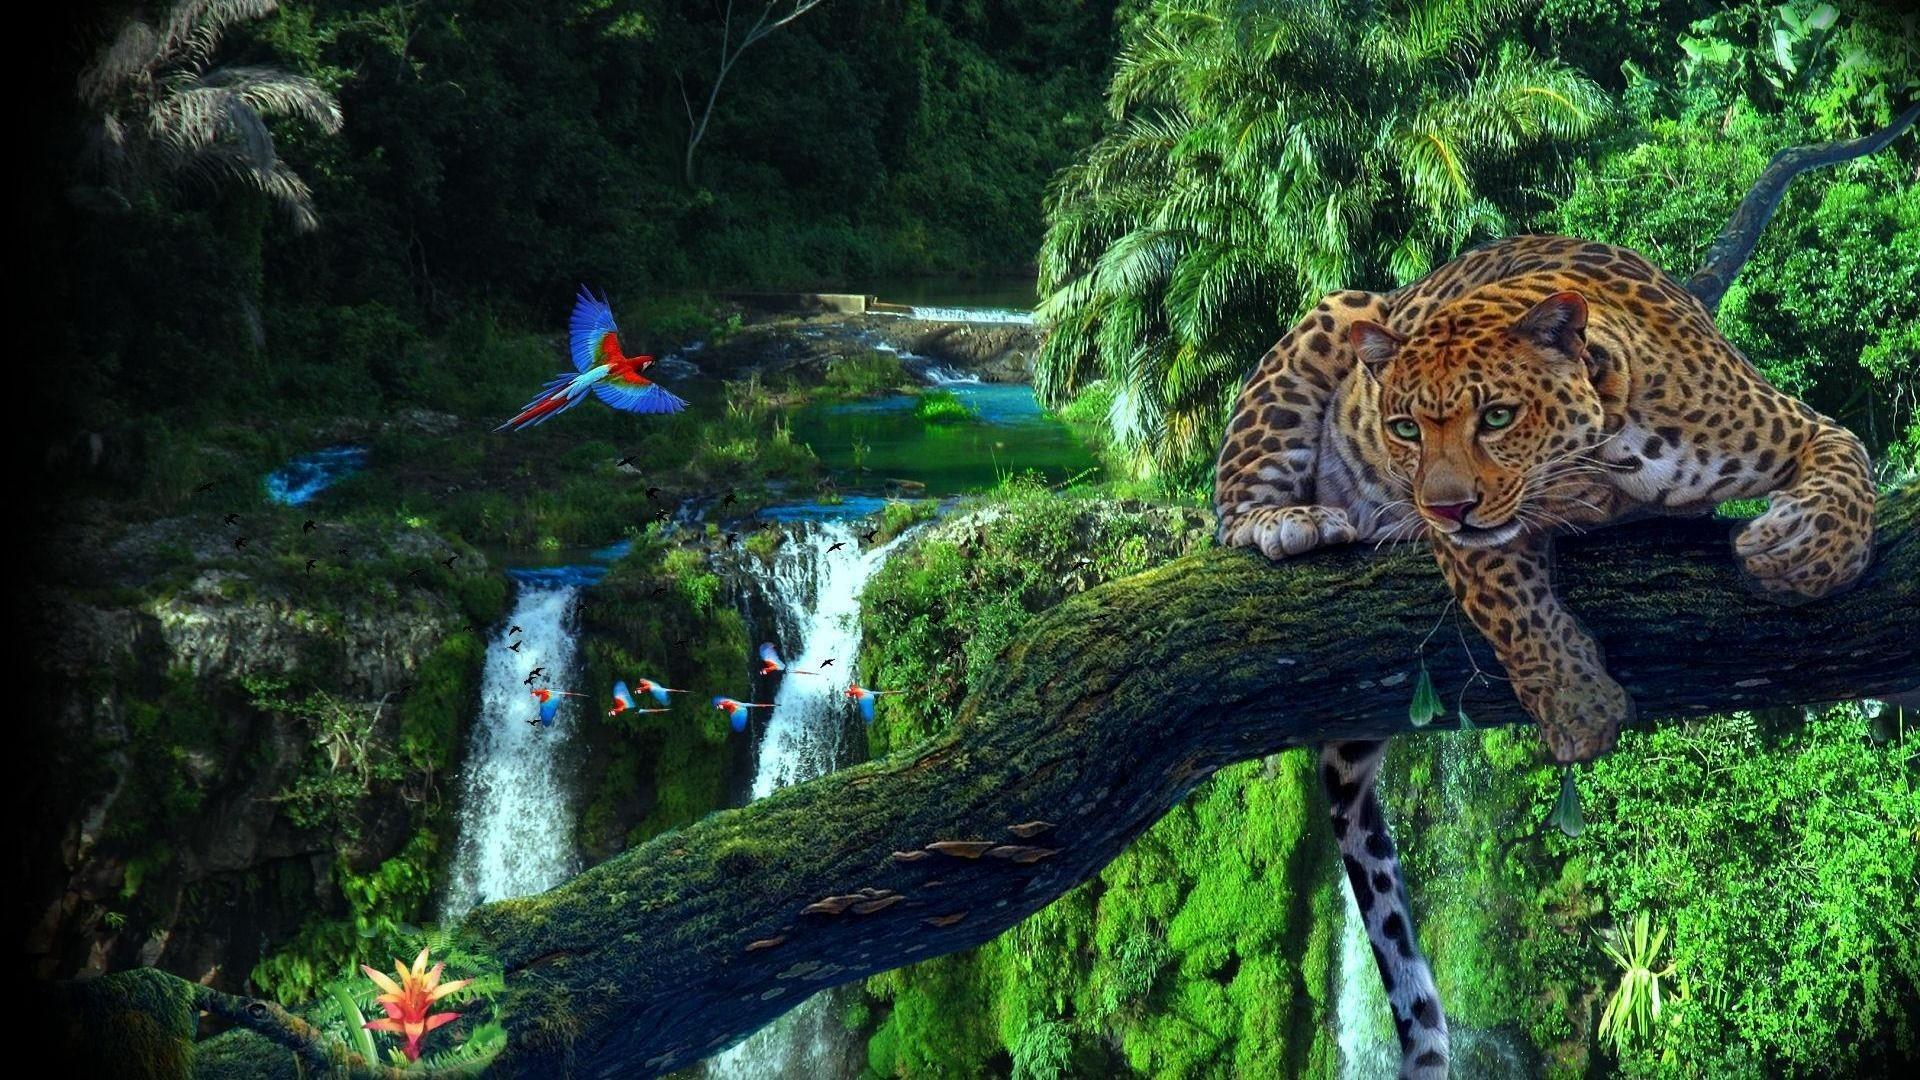 Rainforest wallpaper hd